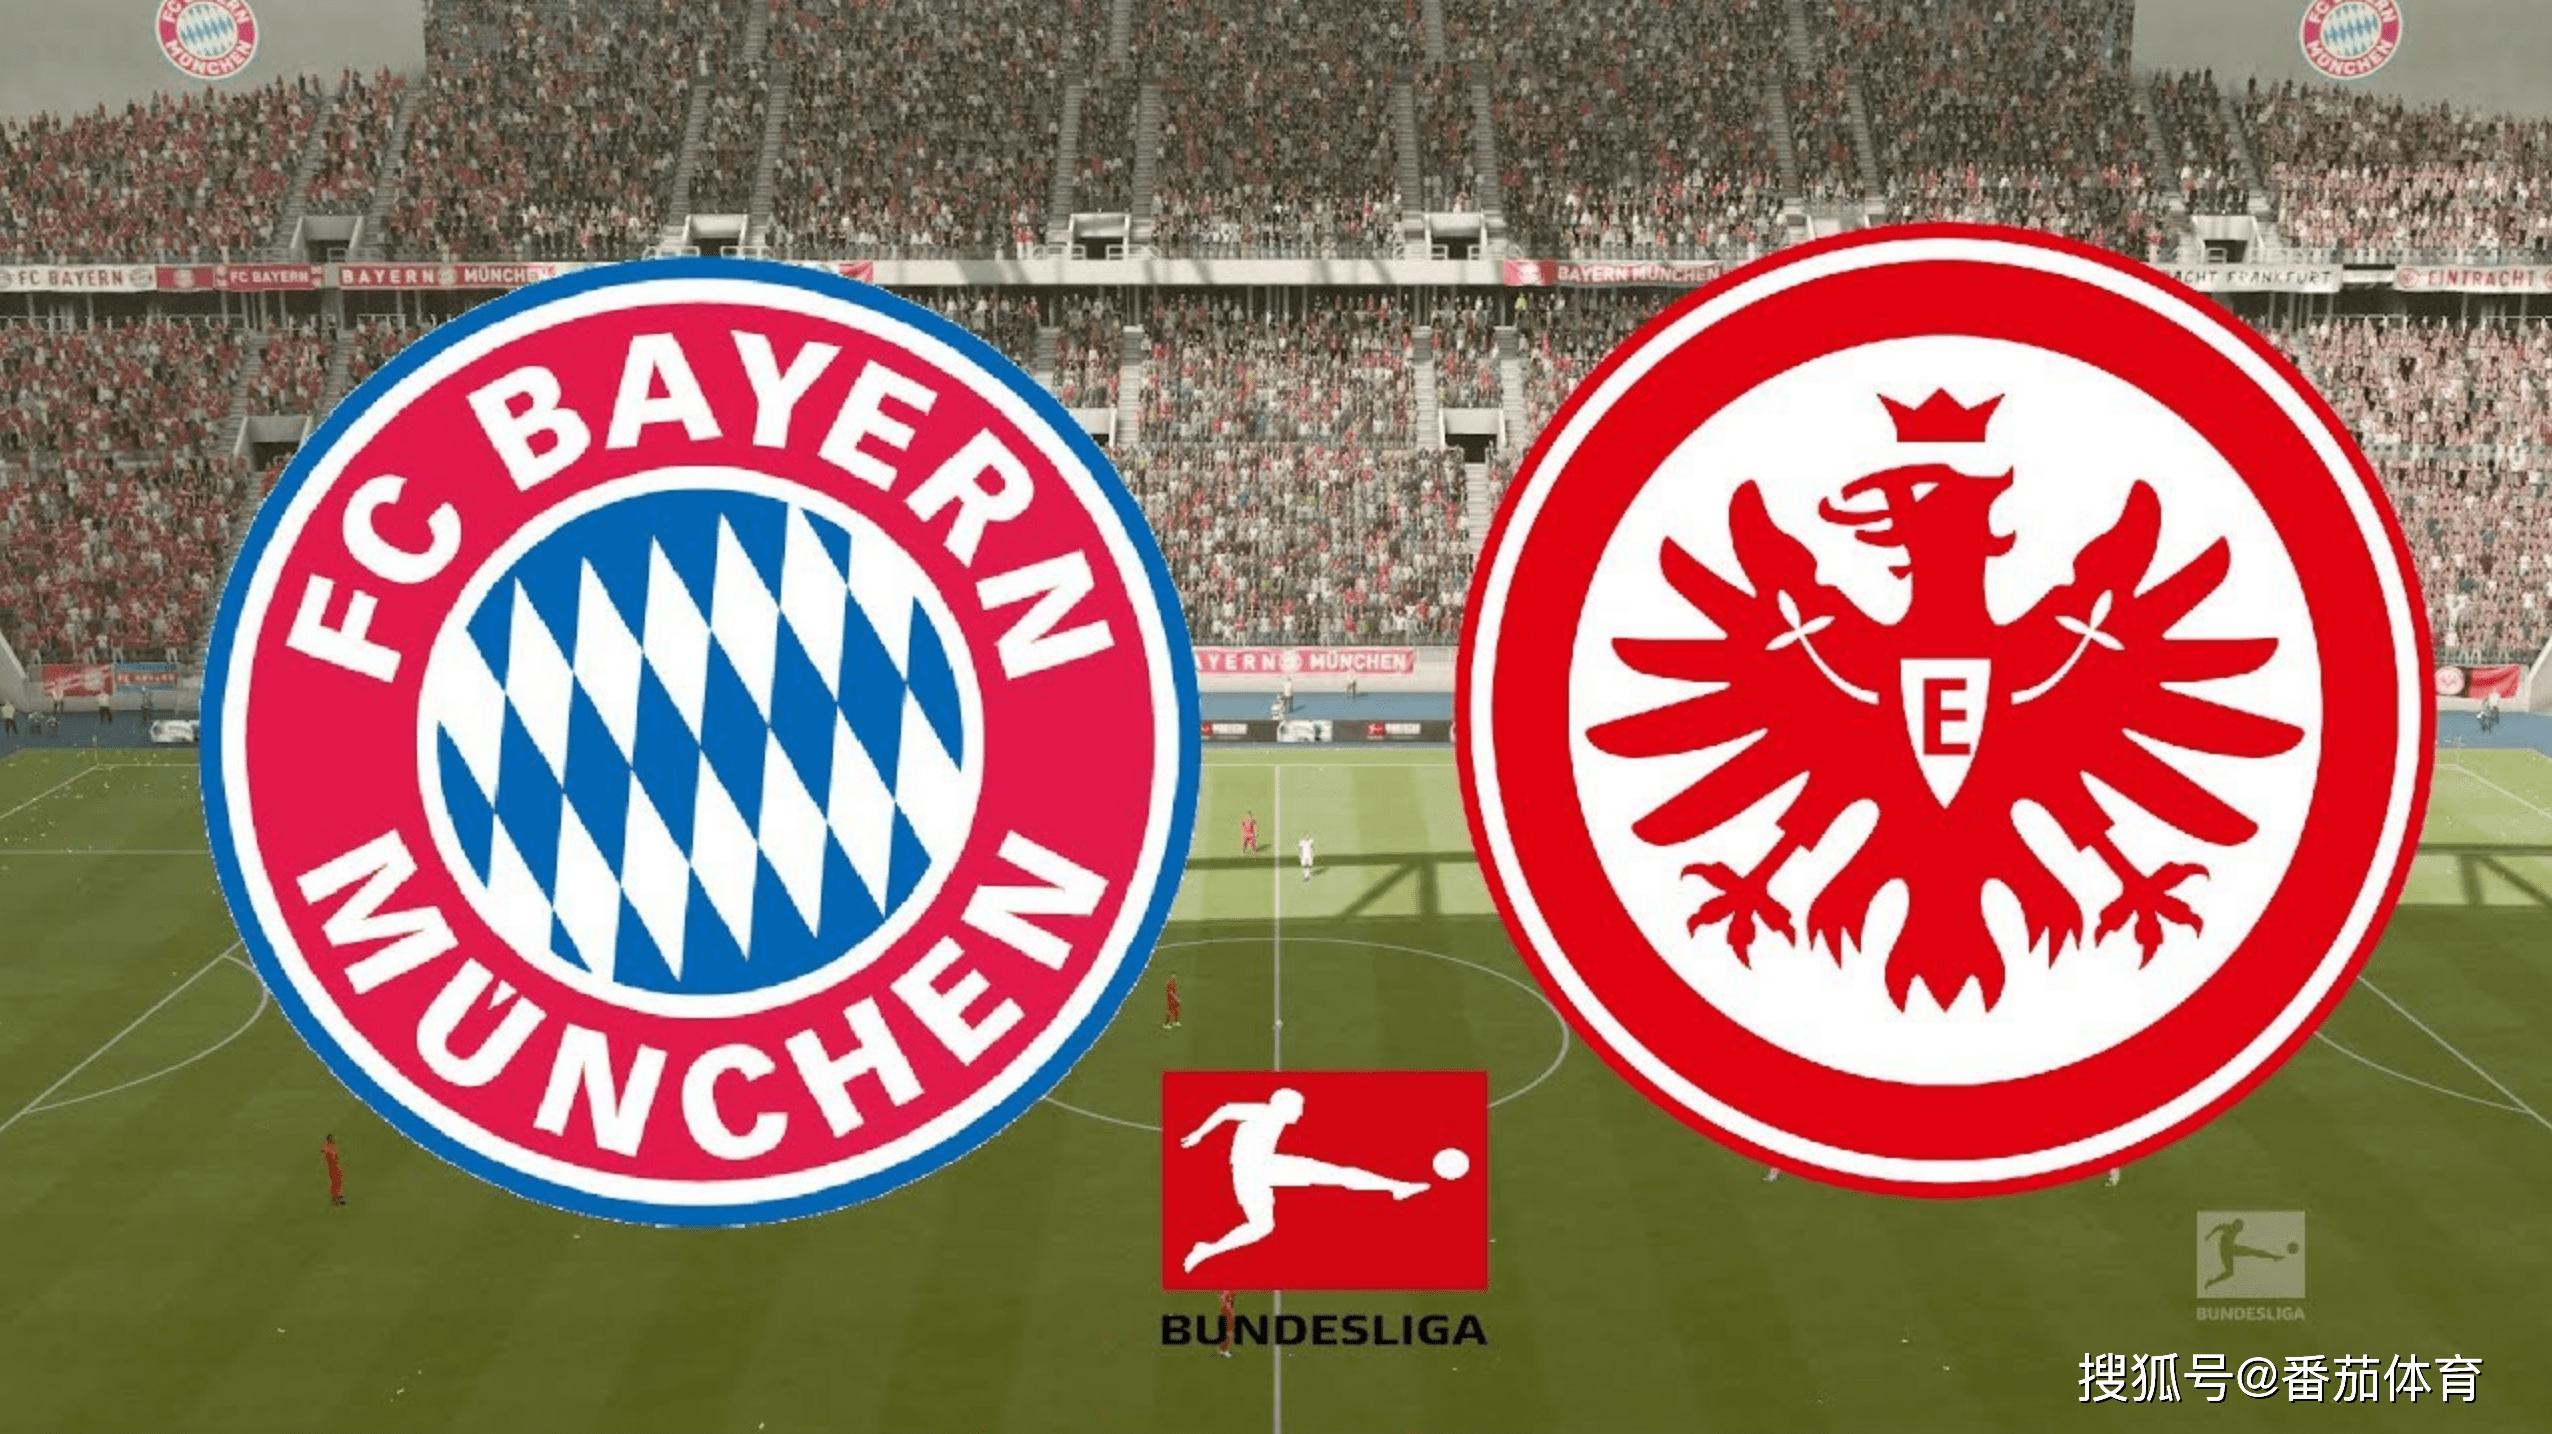 「德甲」拜仁慕尼黑vs法兰克福拜仁持续连胜?